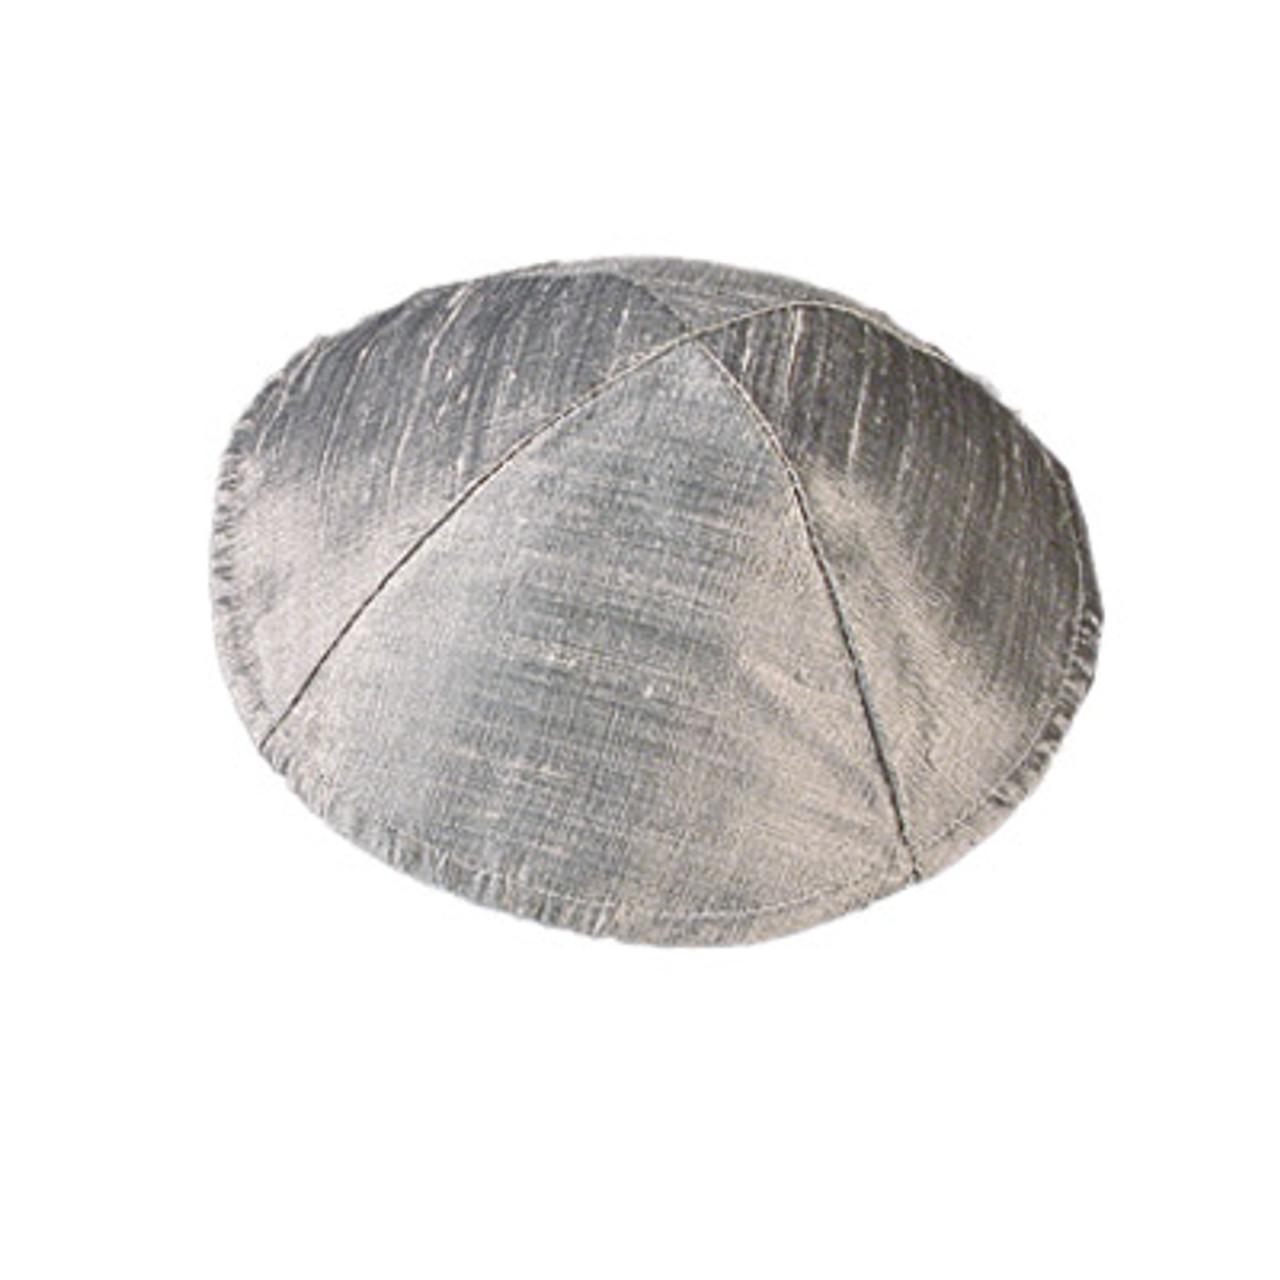 Umber Raw Silk Kippah